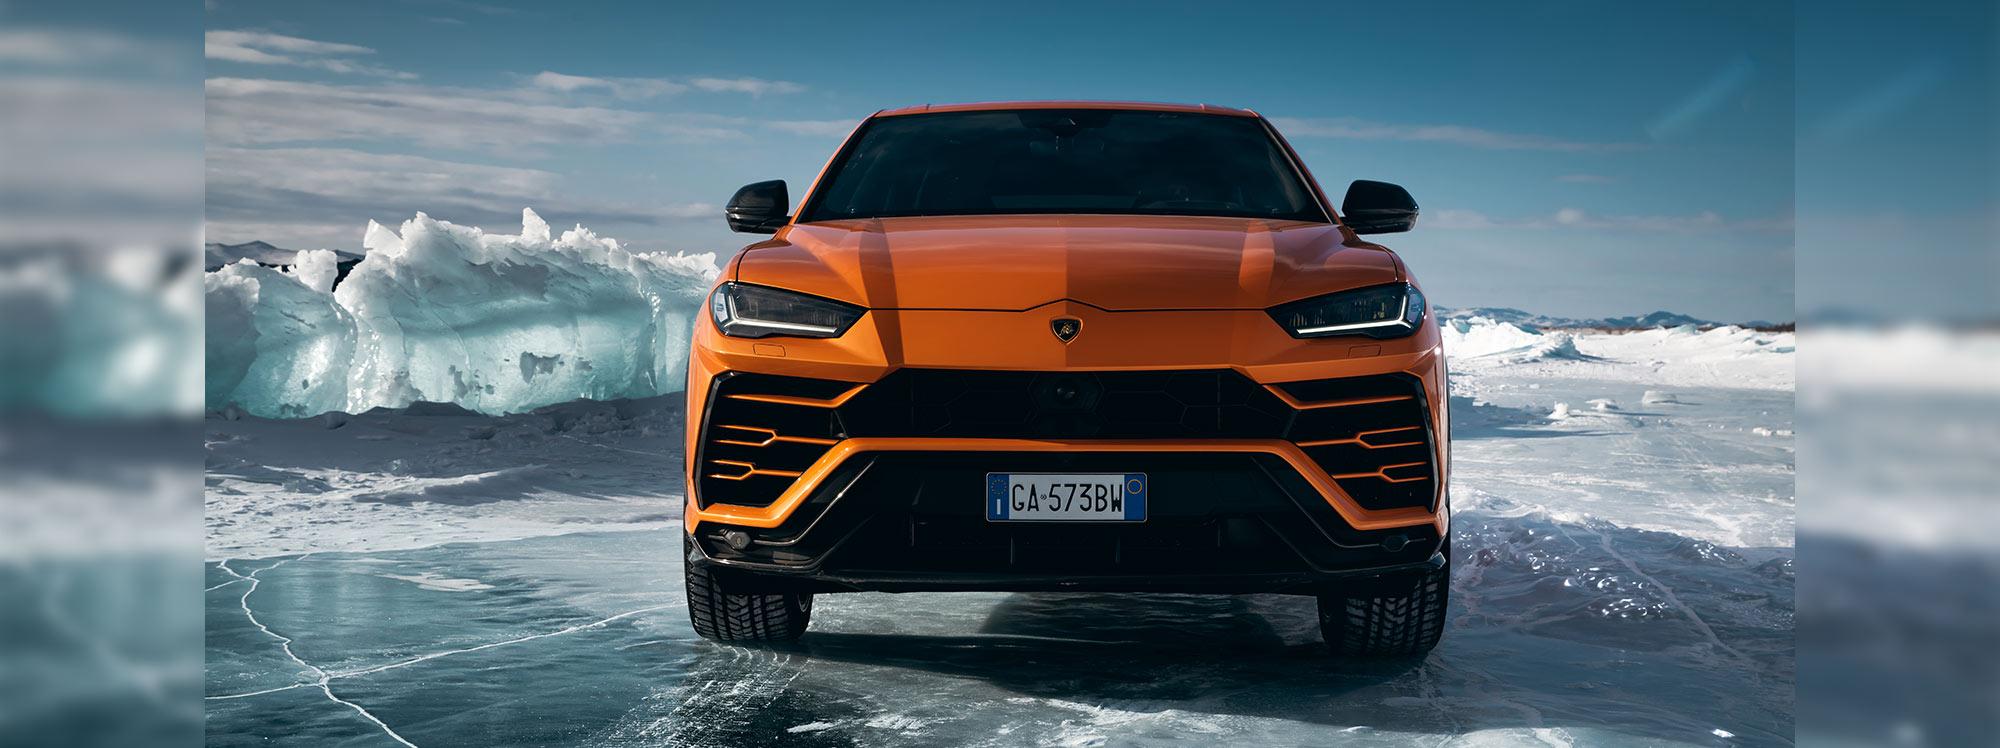 ¿Cómo se comporta el Lamborghini Urus en diferentes superficies?